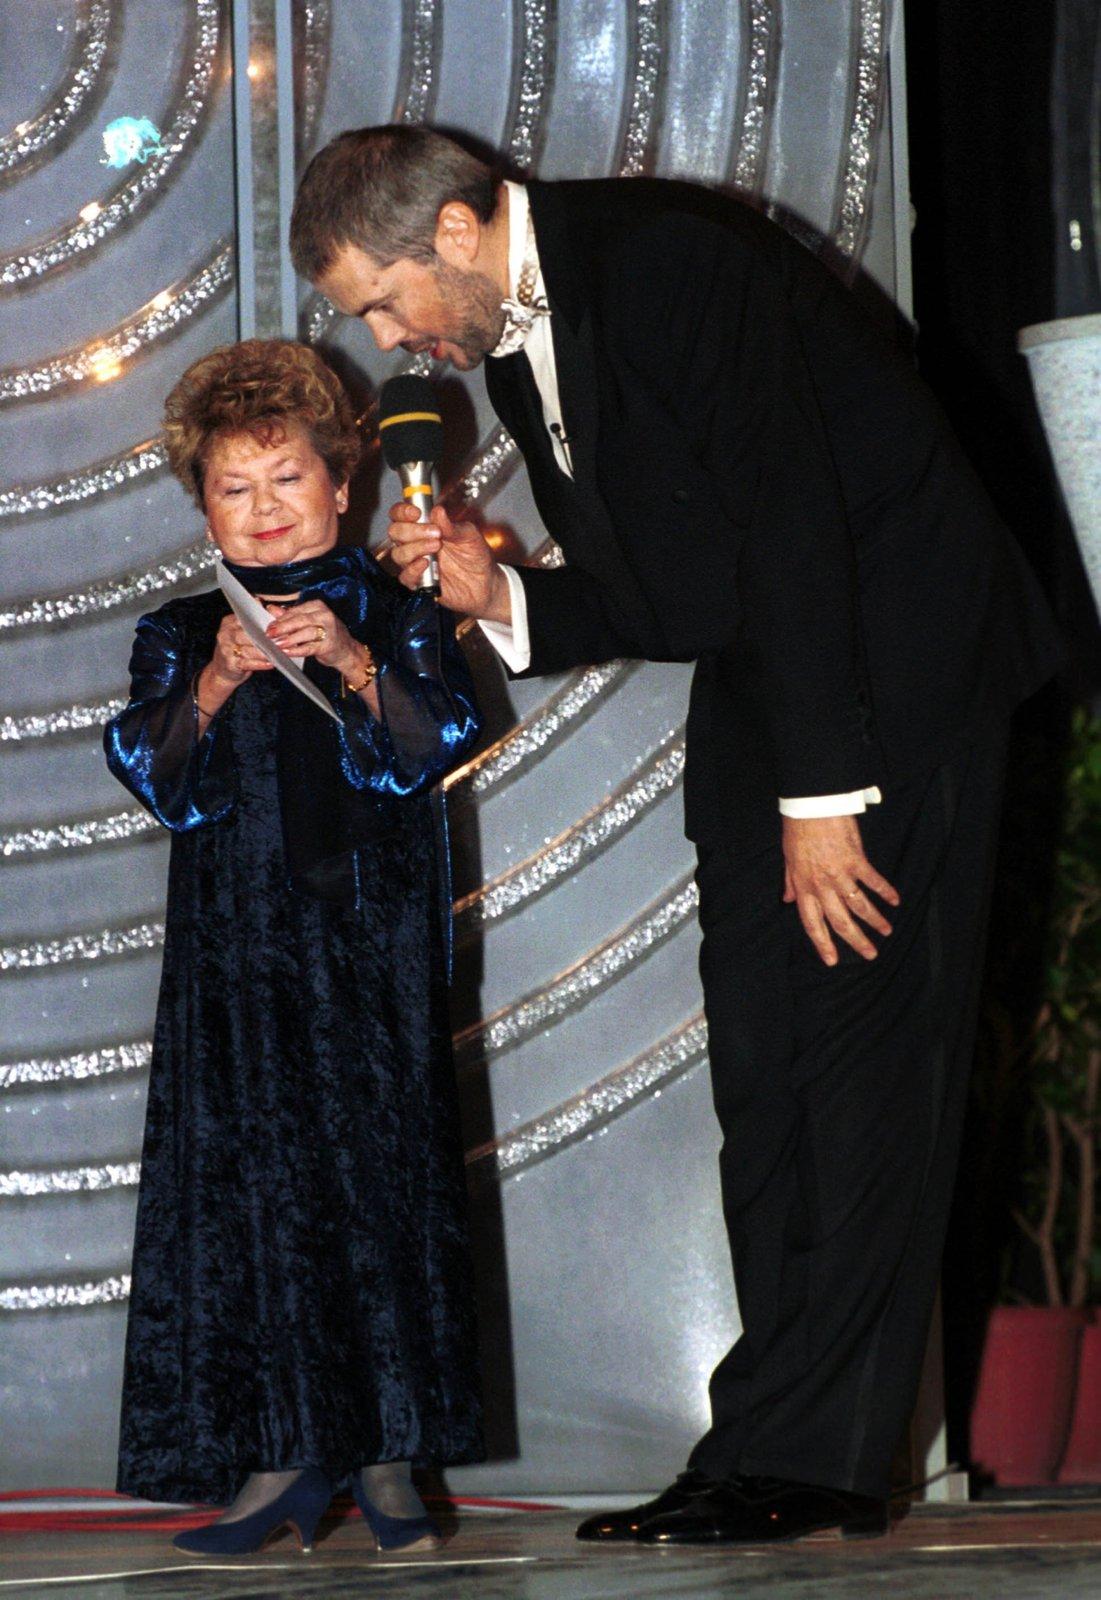 Aťka Janoušková s Markem Ebenem na cenách TýTý v roce 2001.